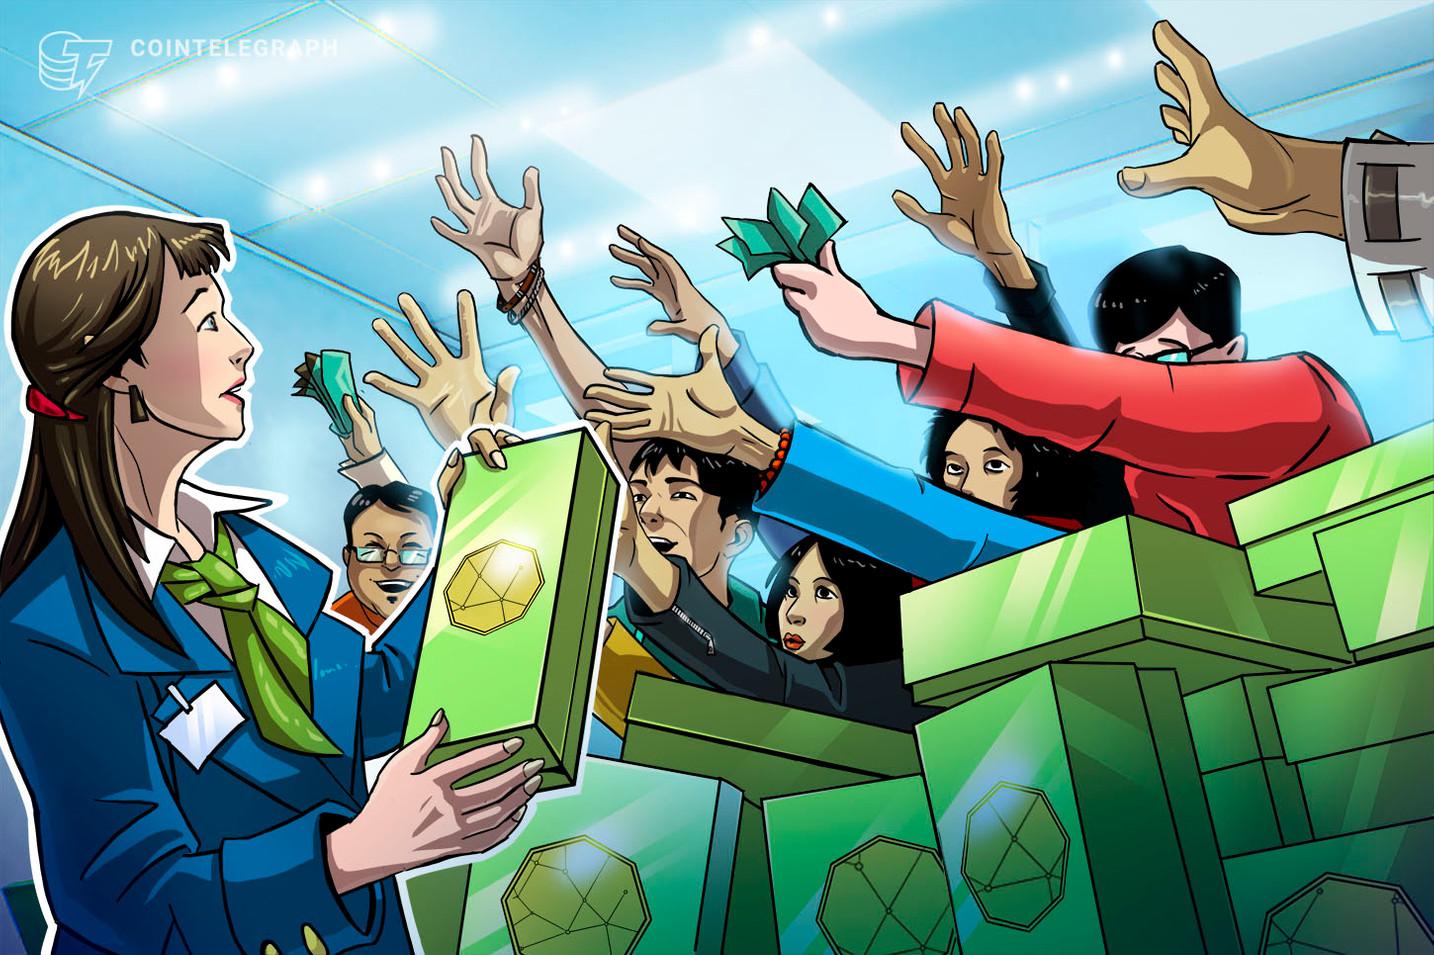 Η πώληση πανικού είναι το μεγαλύτερο λάθος των επενδυτών κρυπτογράφησης, αποκαλύπτει νέα έρευνα